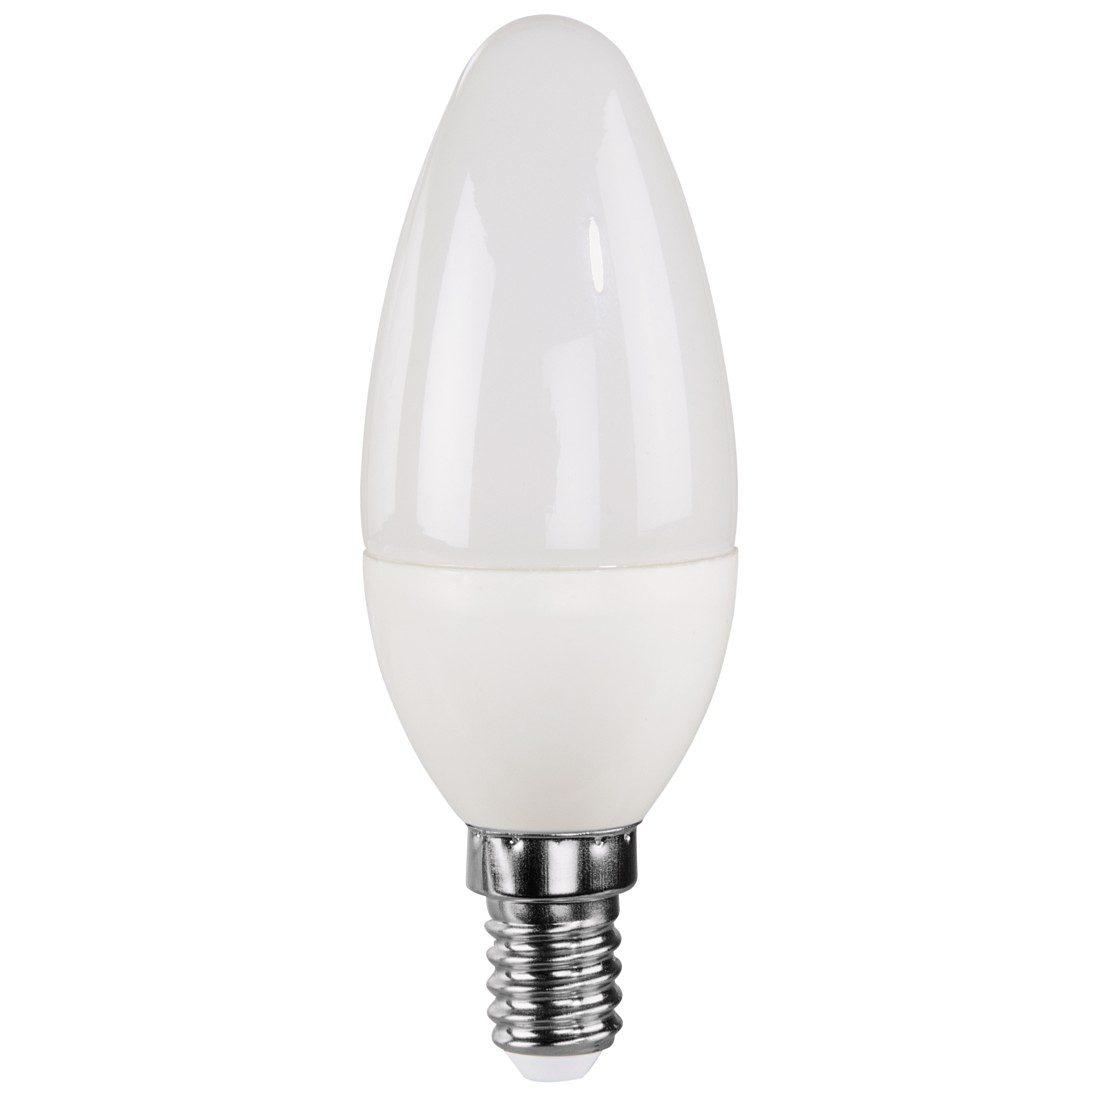 Xavax LED-Lampe, 4,5W, Kerzenform, E14, Warmweiß